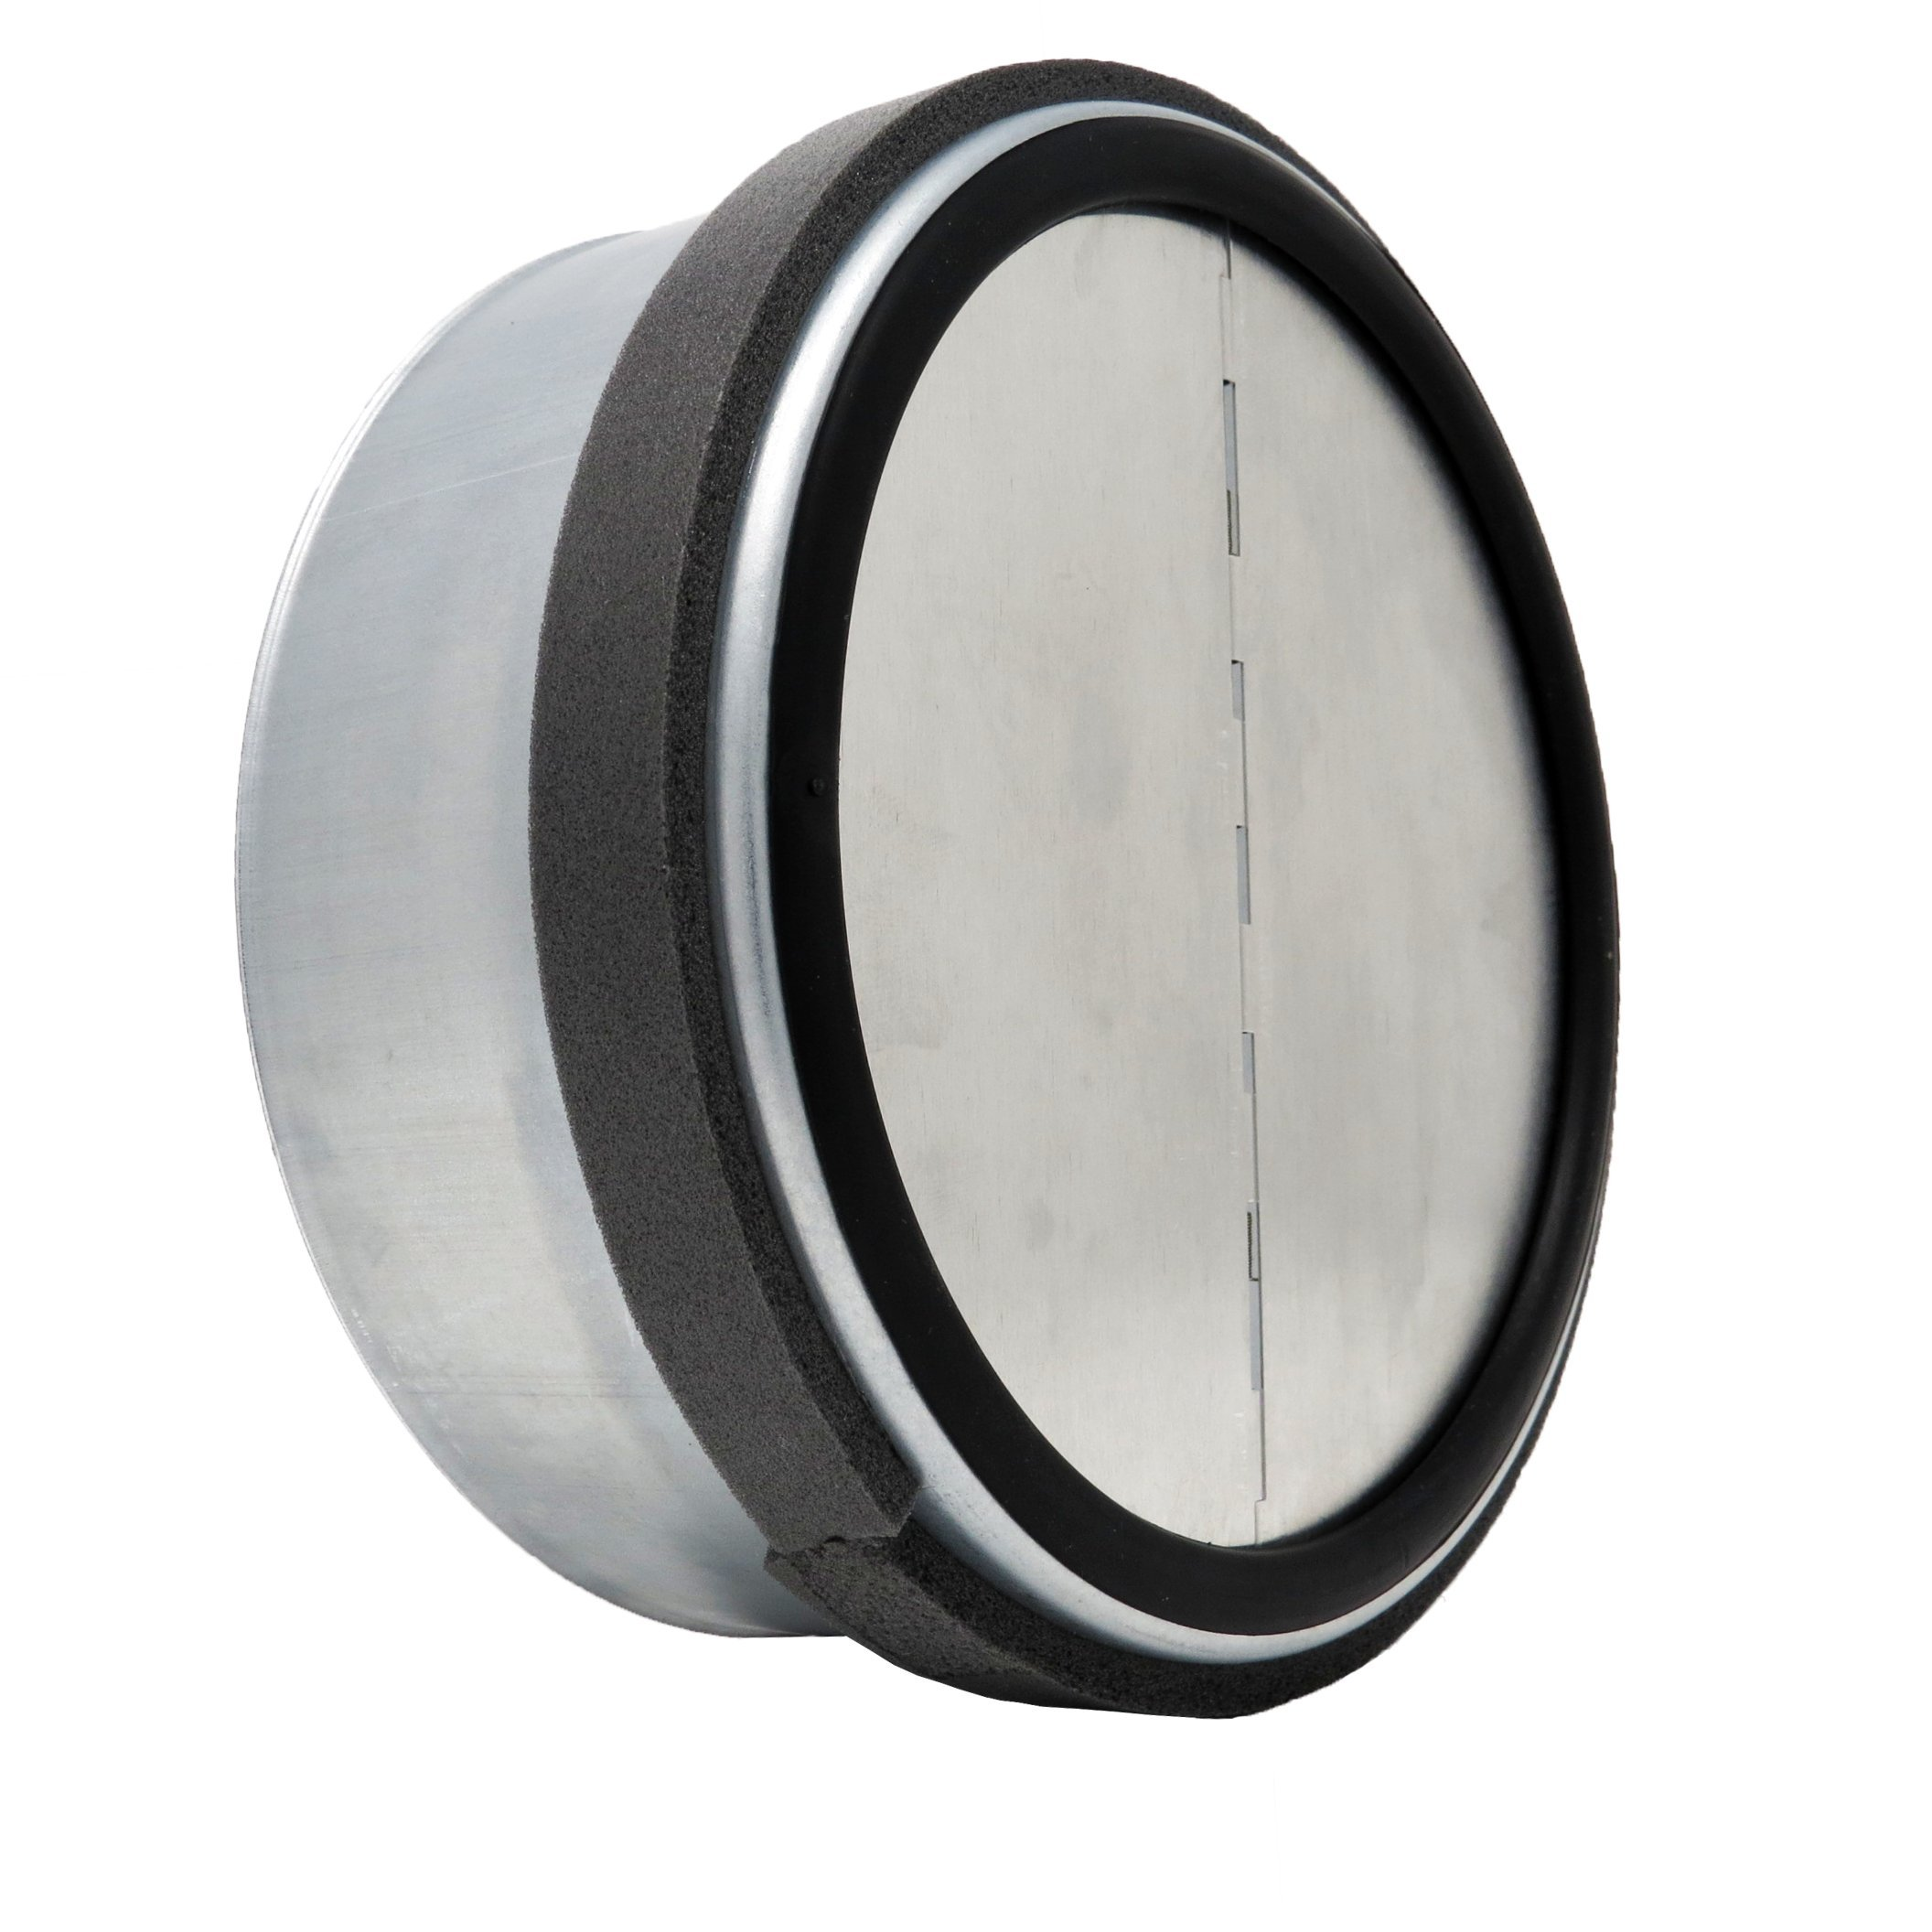 ALDES 8 Inch Round Spring Loaded Backdraft Damper - Professional Grade